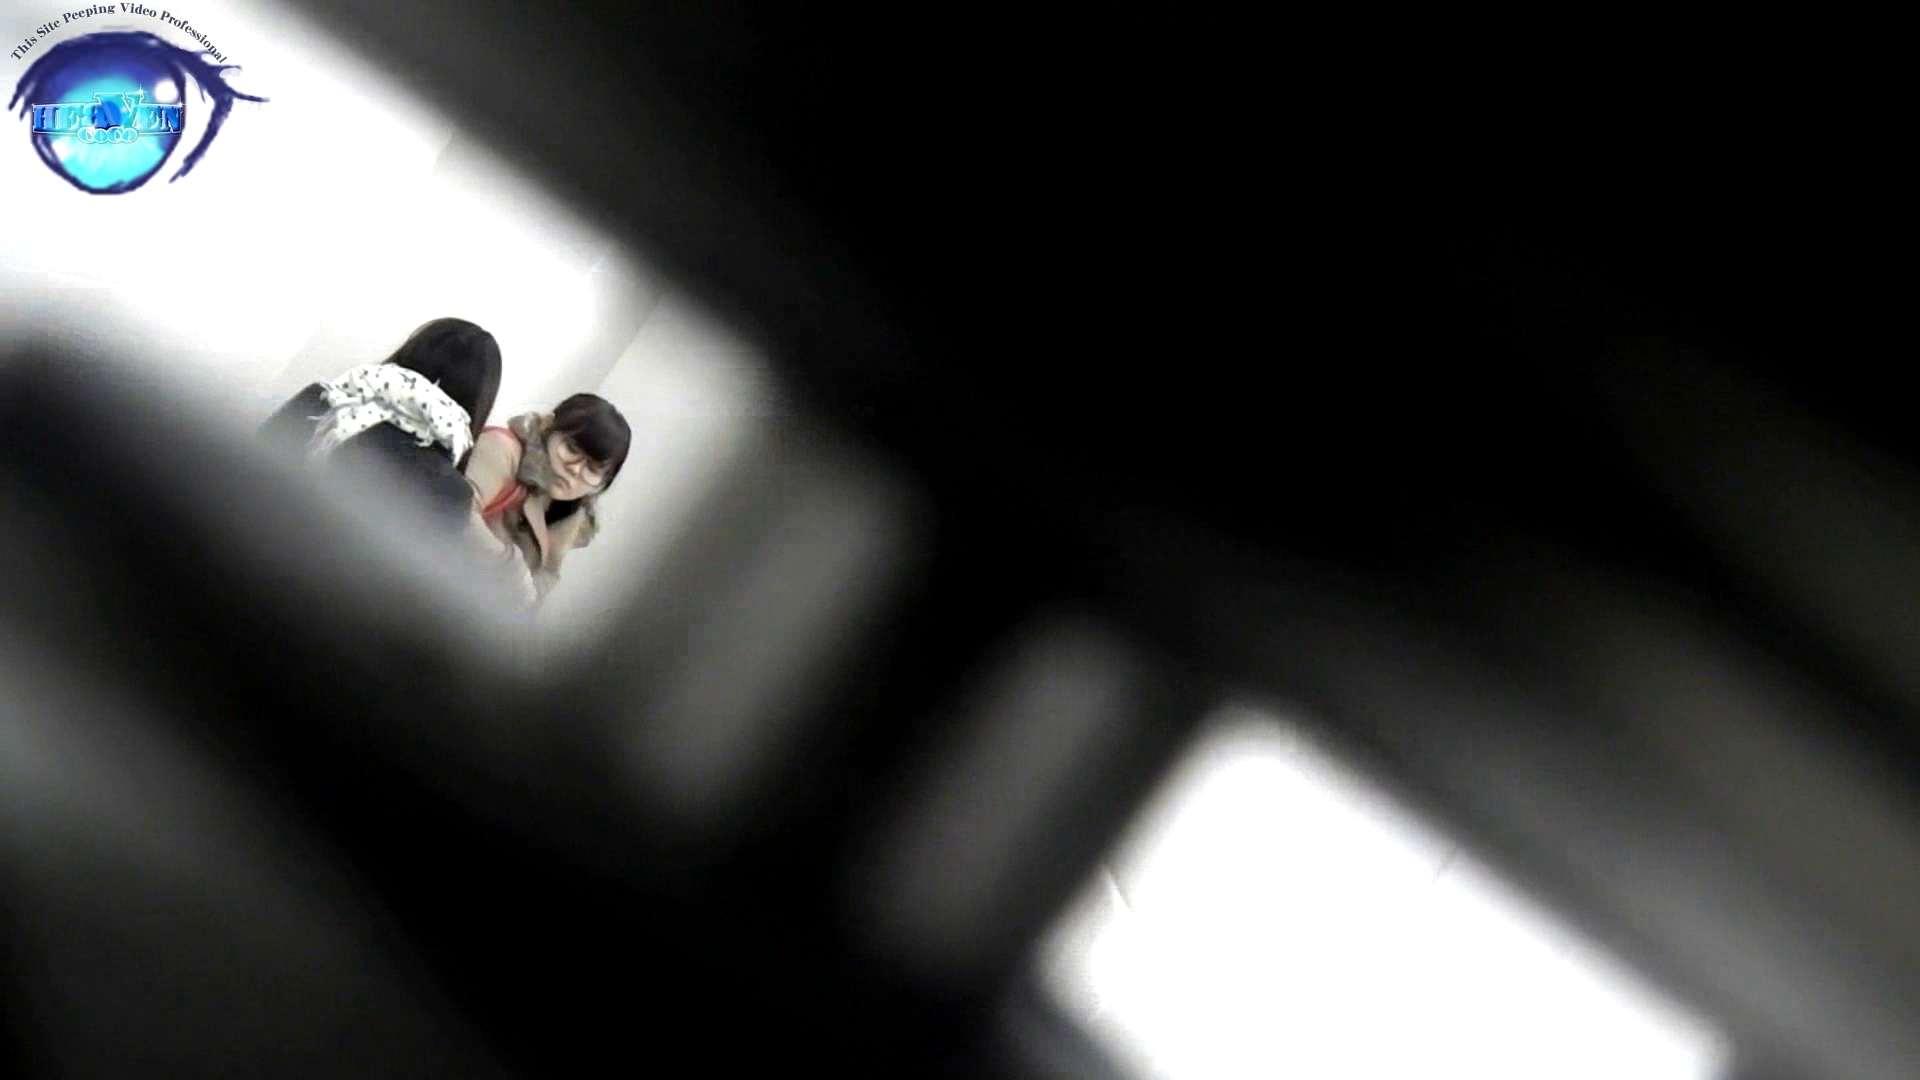 お銀さんの「洗面所突入レポート!!」 vol.53 冬到来!美女も到来!前編 お色気美女 | 洗面所  89枚 25